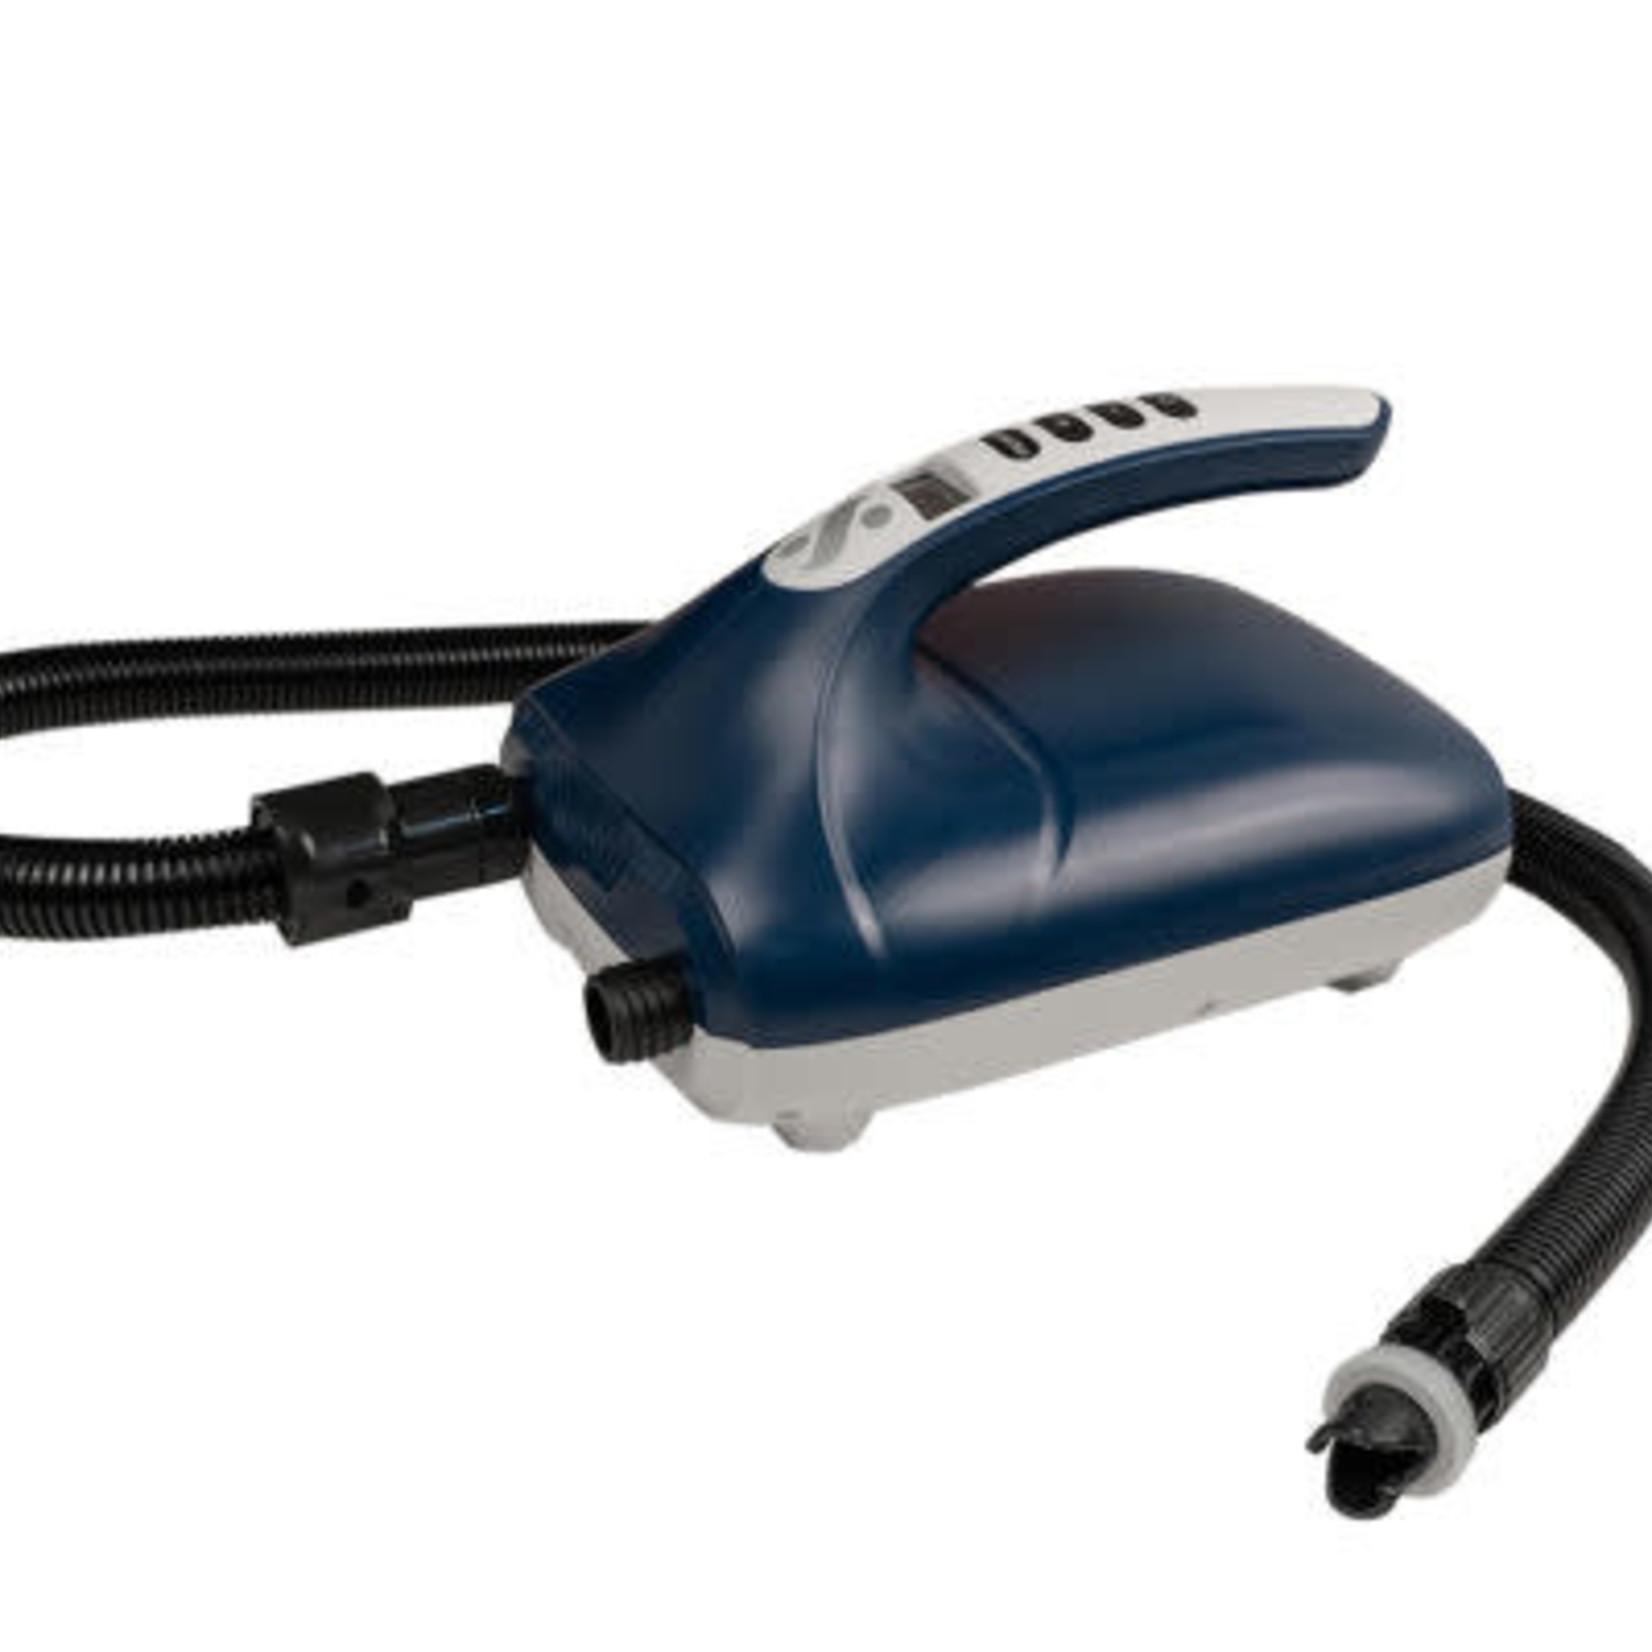 Retrospec Retrospec SUP Electric Pump